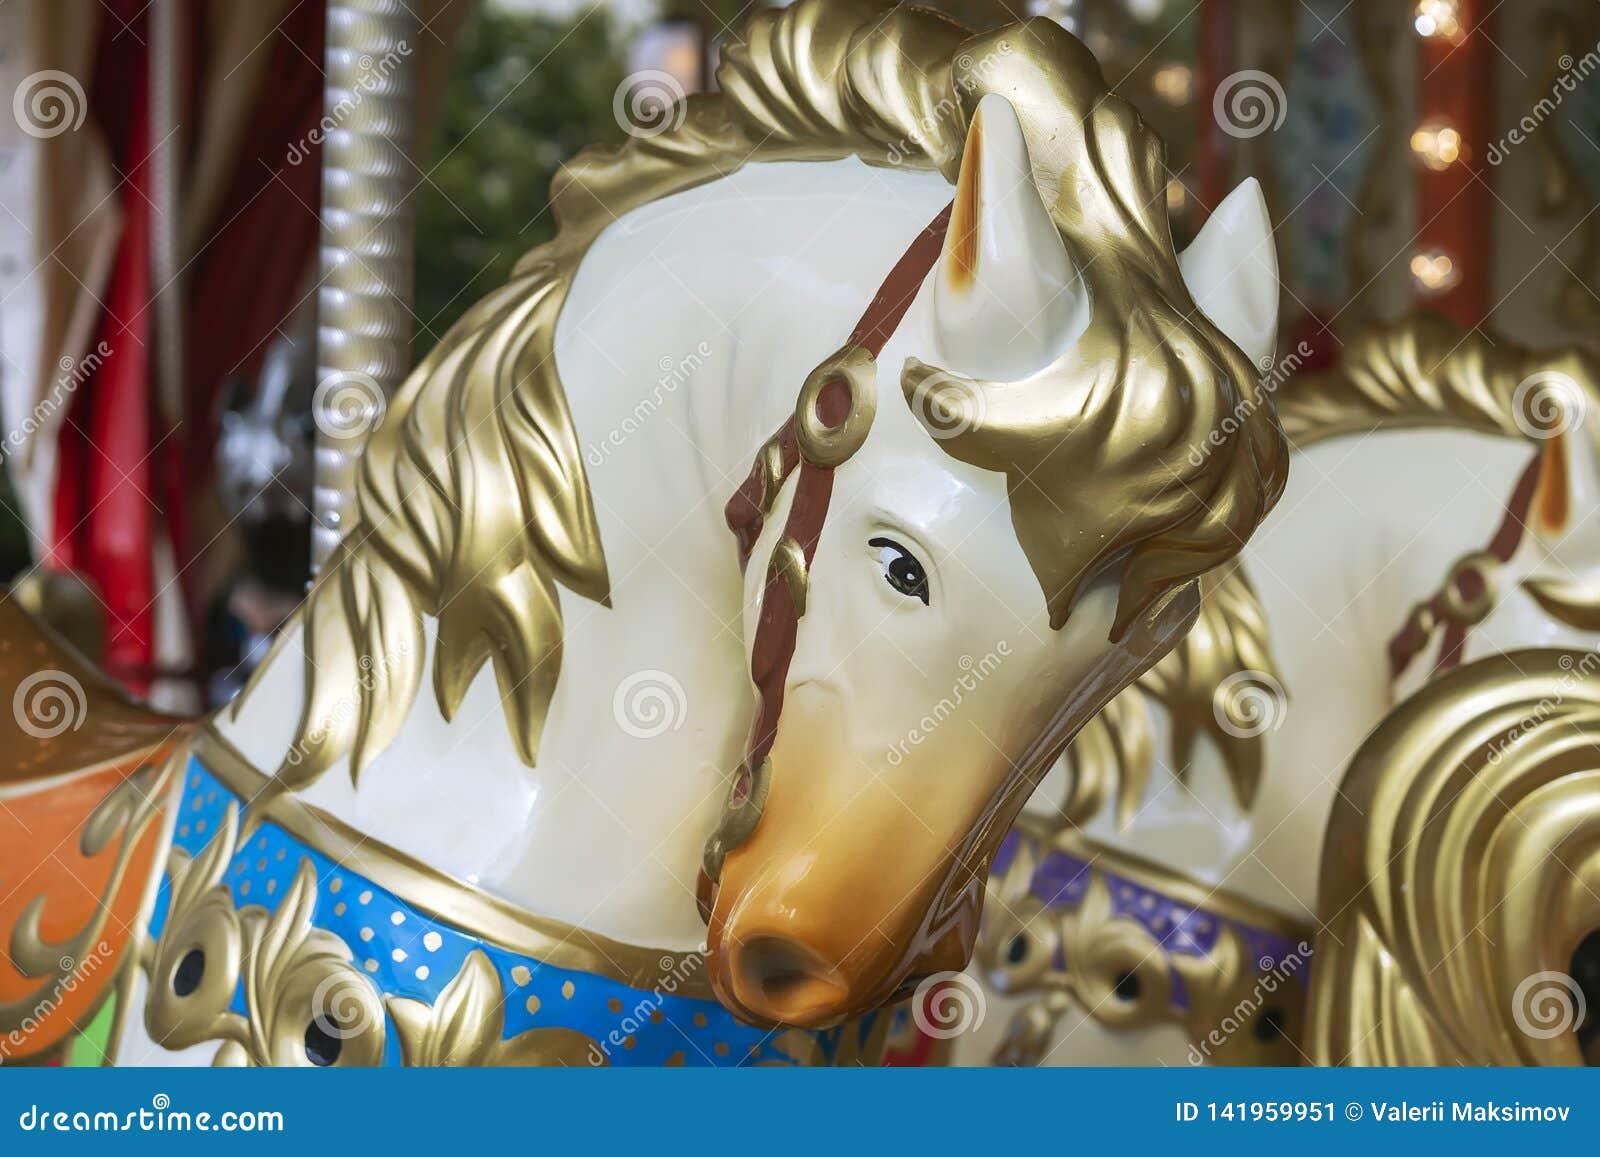 Cabeça de cavalo colorida em um carrossel circular do vintage